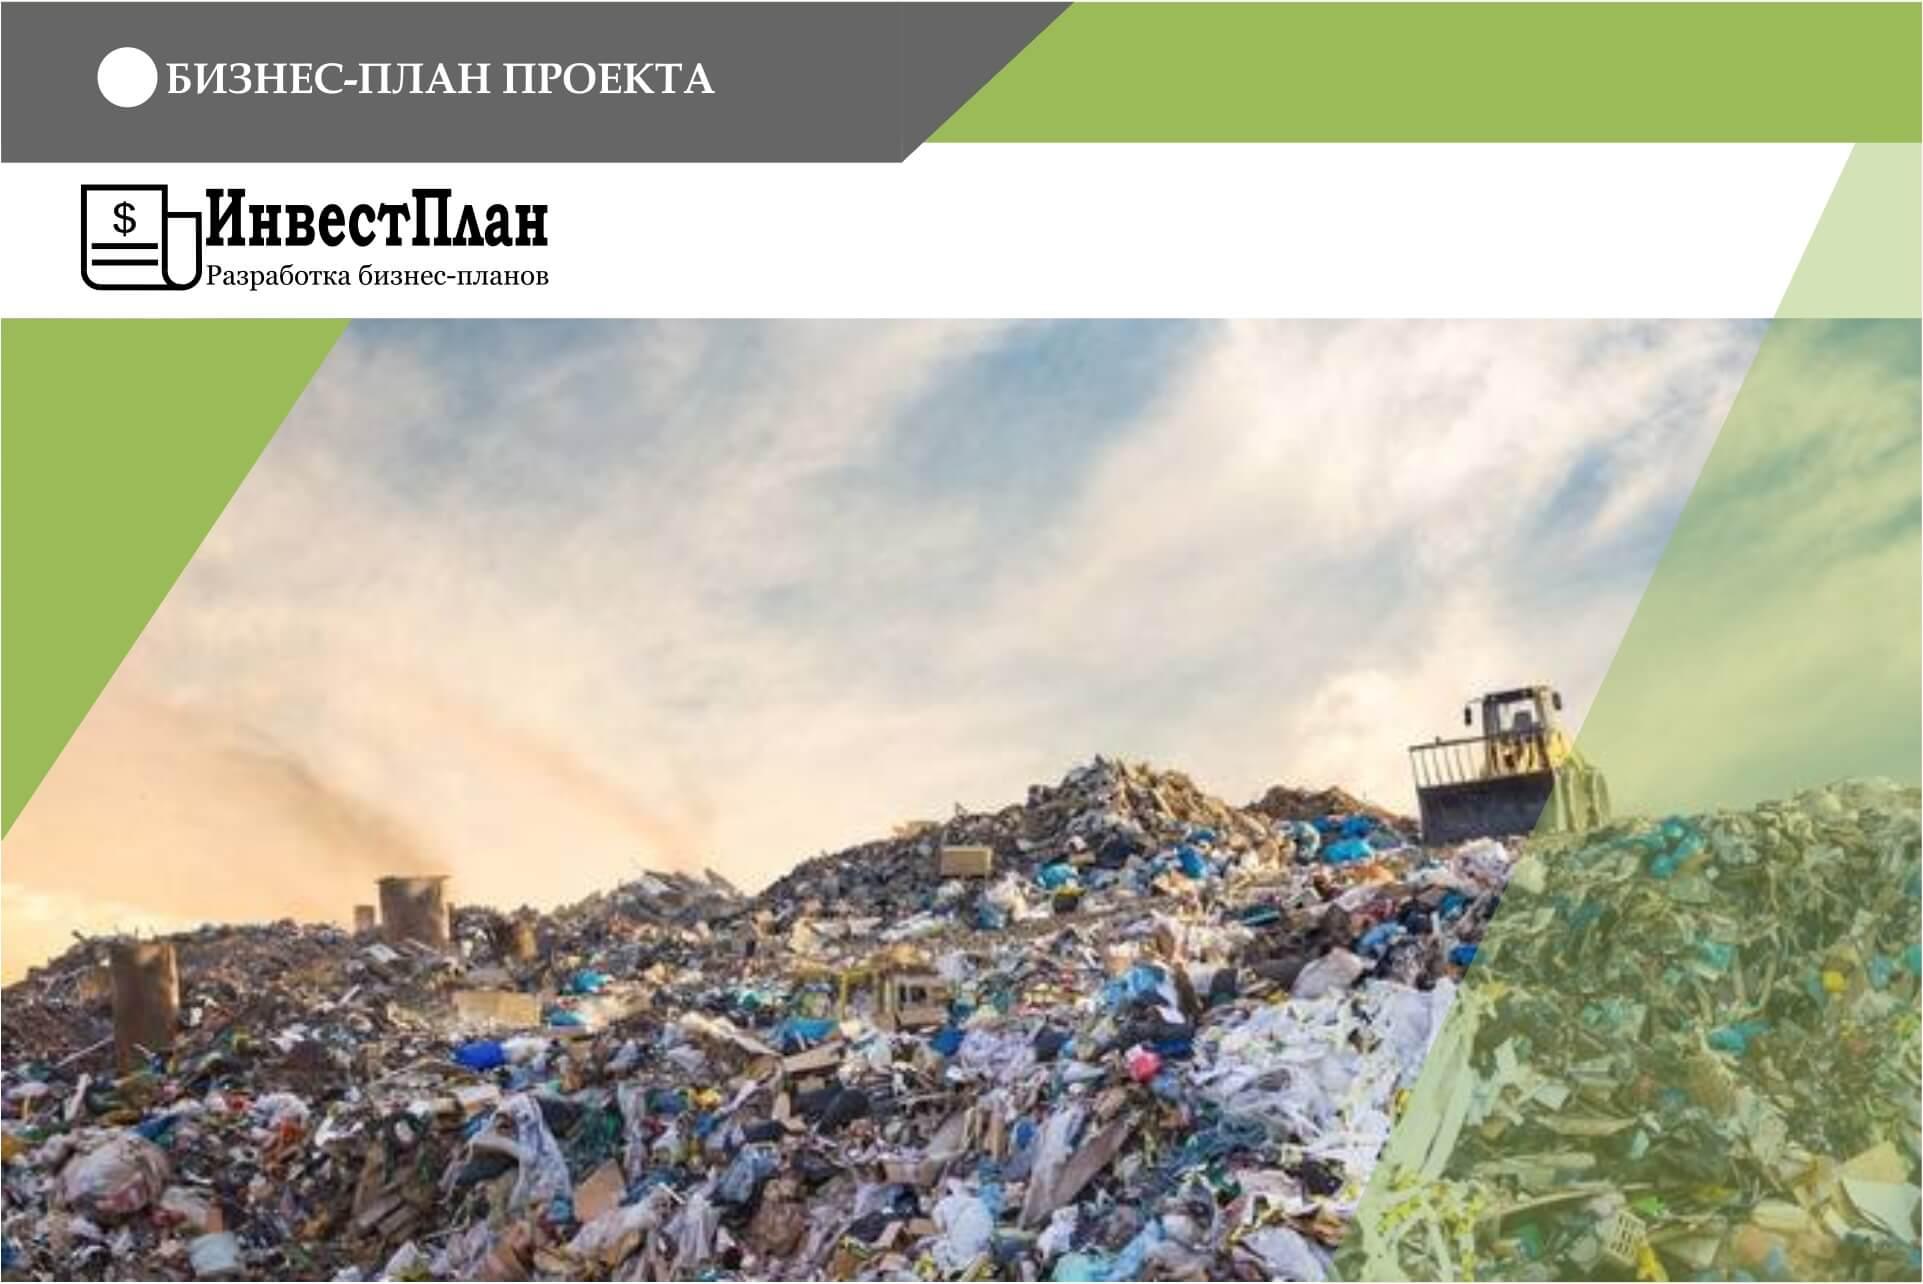 Строительство завода по первичной переработке и утилизации отходов: резины, бумаги, стекла, металла, пластика.